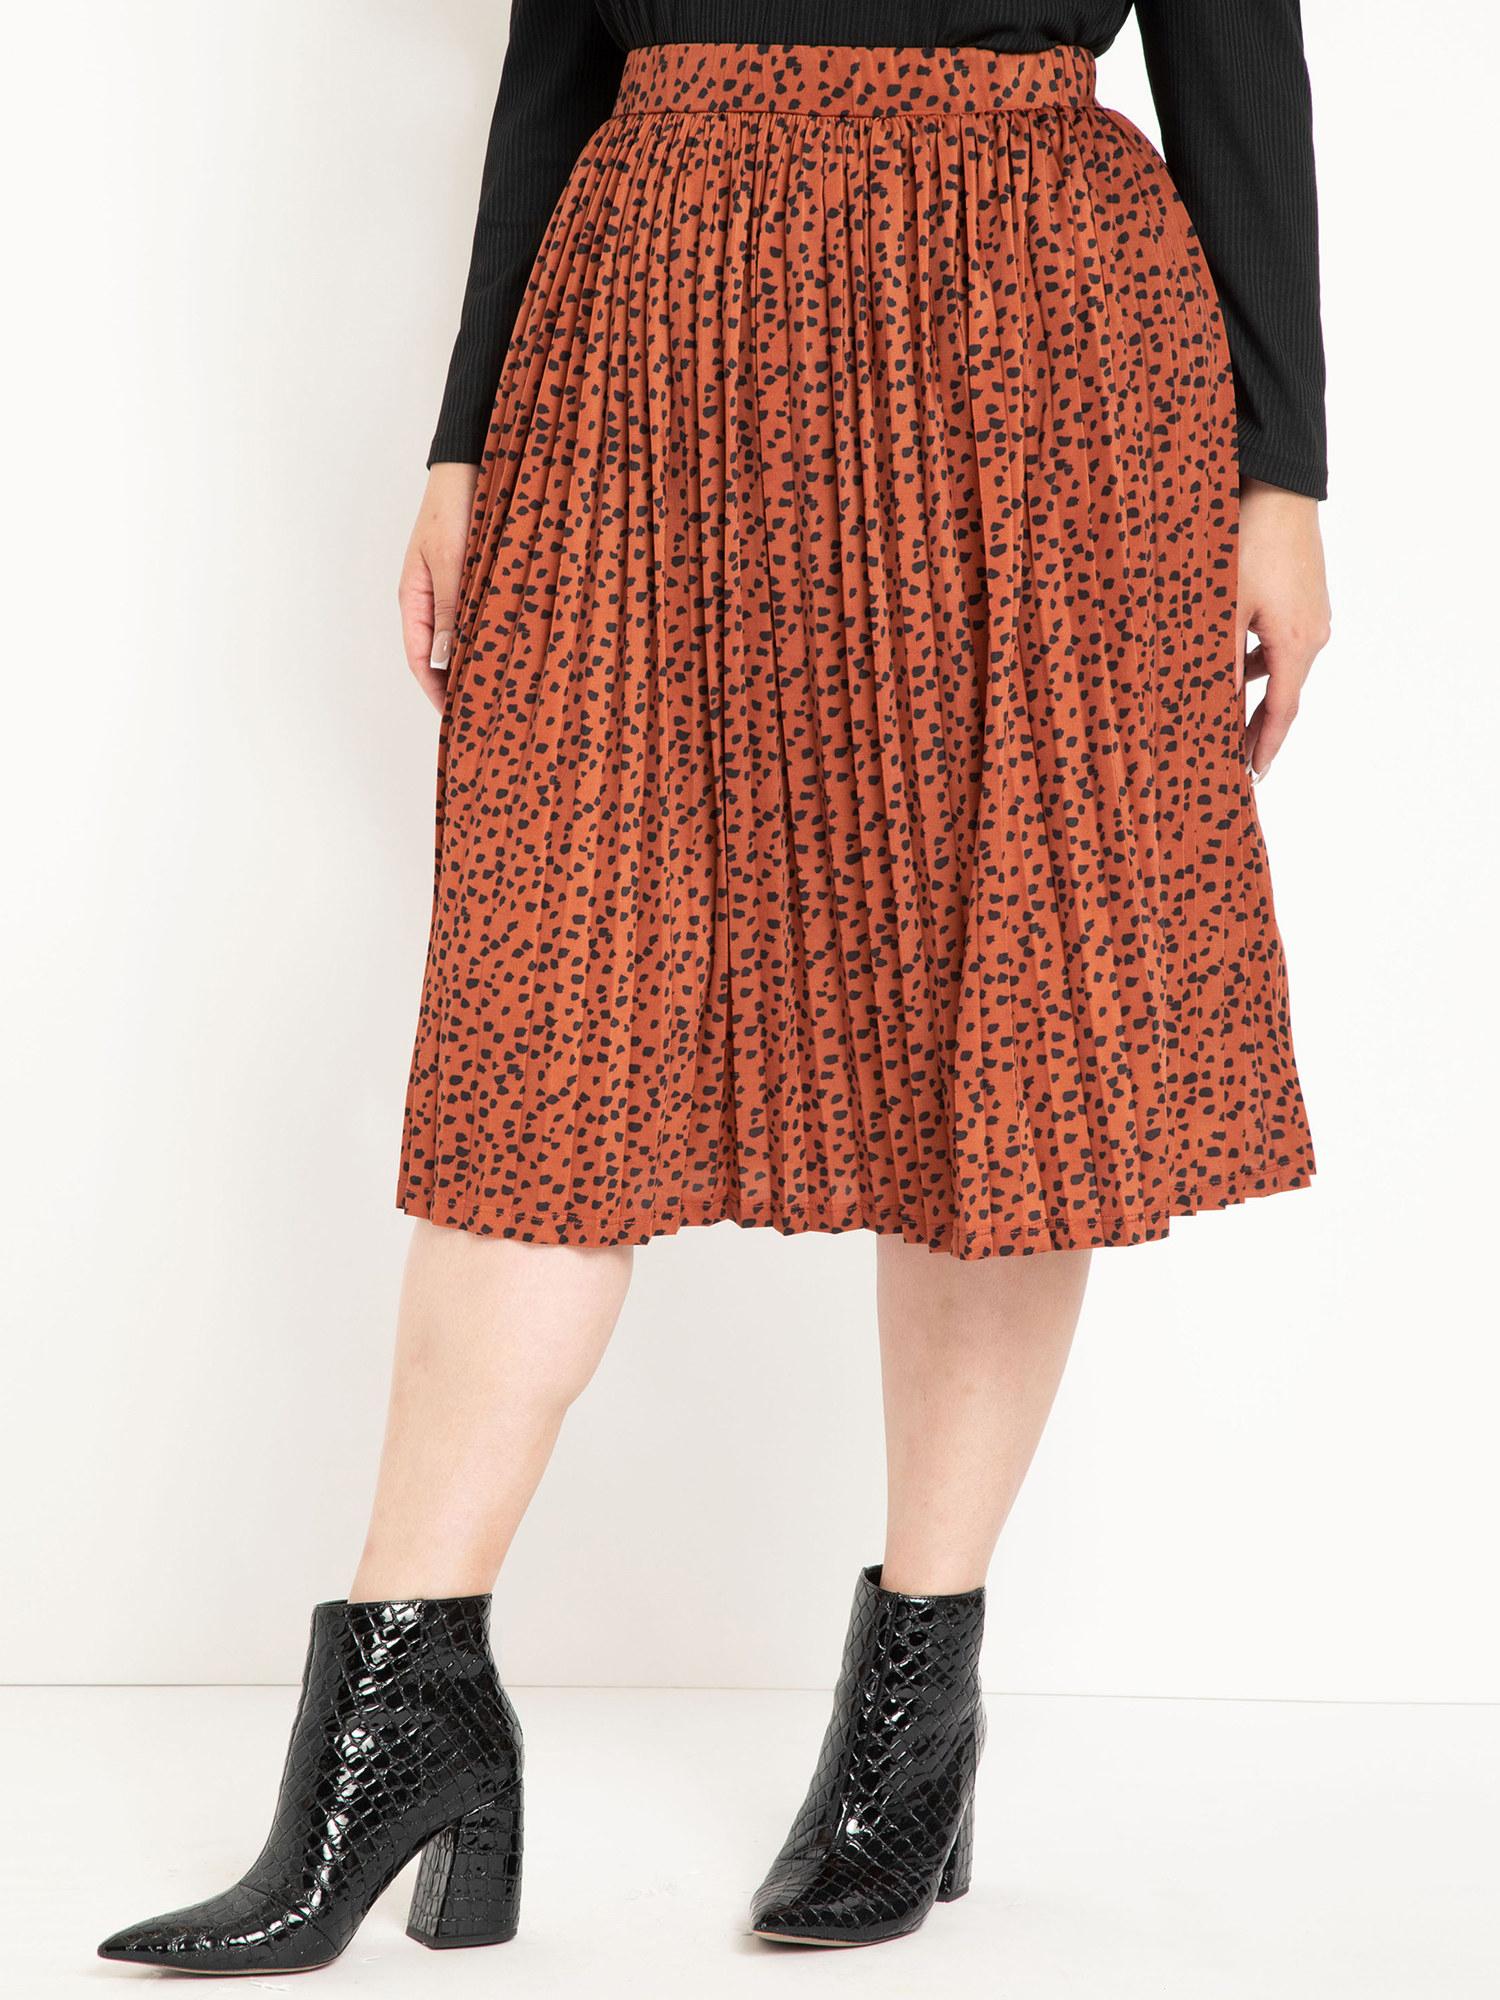 The orange skirt